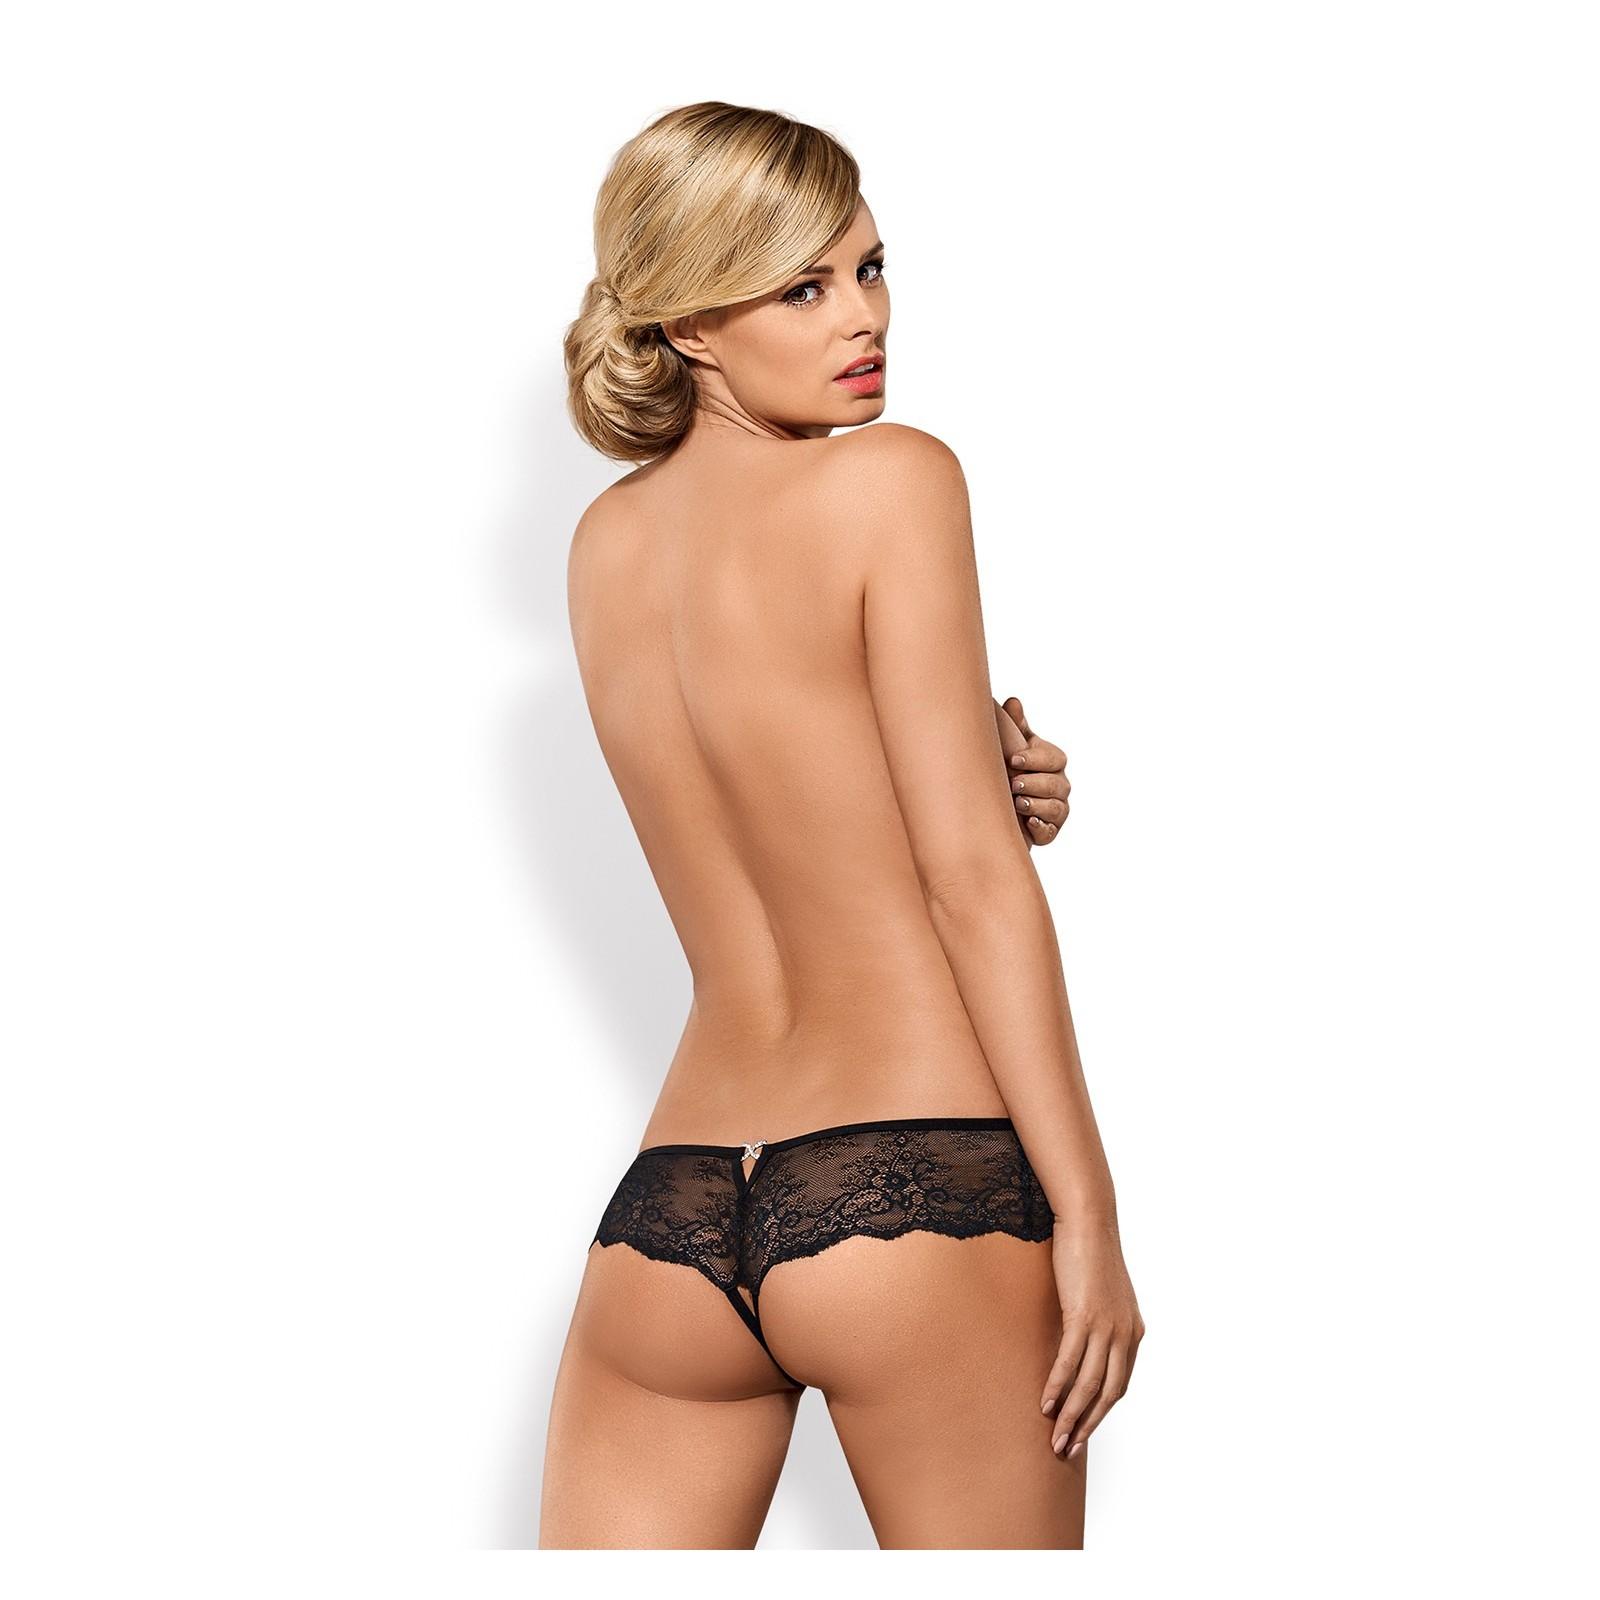 Merossa Crotchless Panties - 6 - Vorschaubild